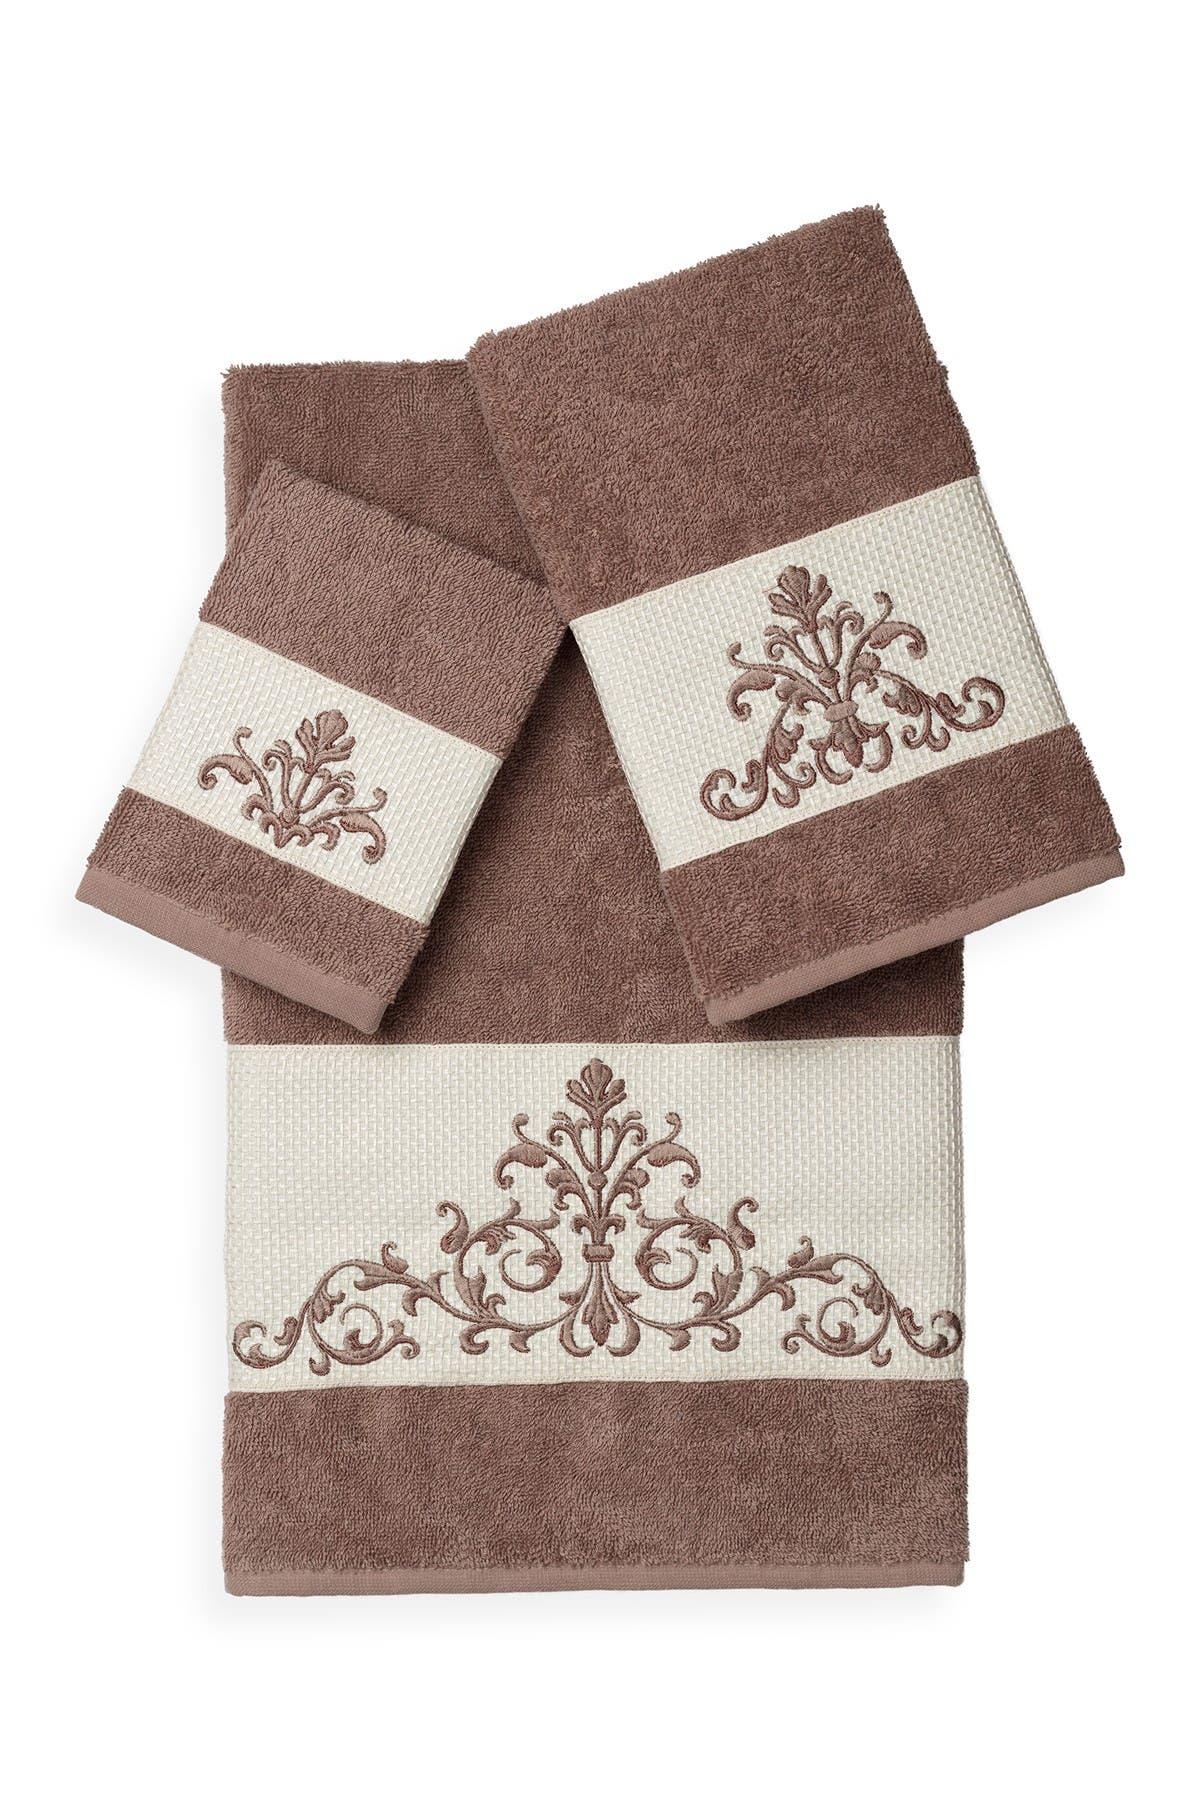 Image of LINUM TOWELS Scarlet 3-Piece Embellished Towel Set - Latte